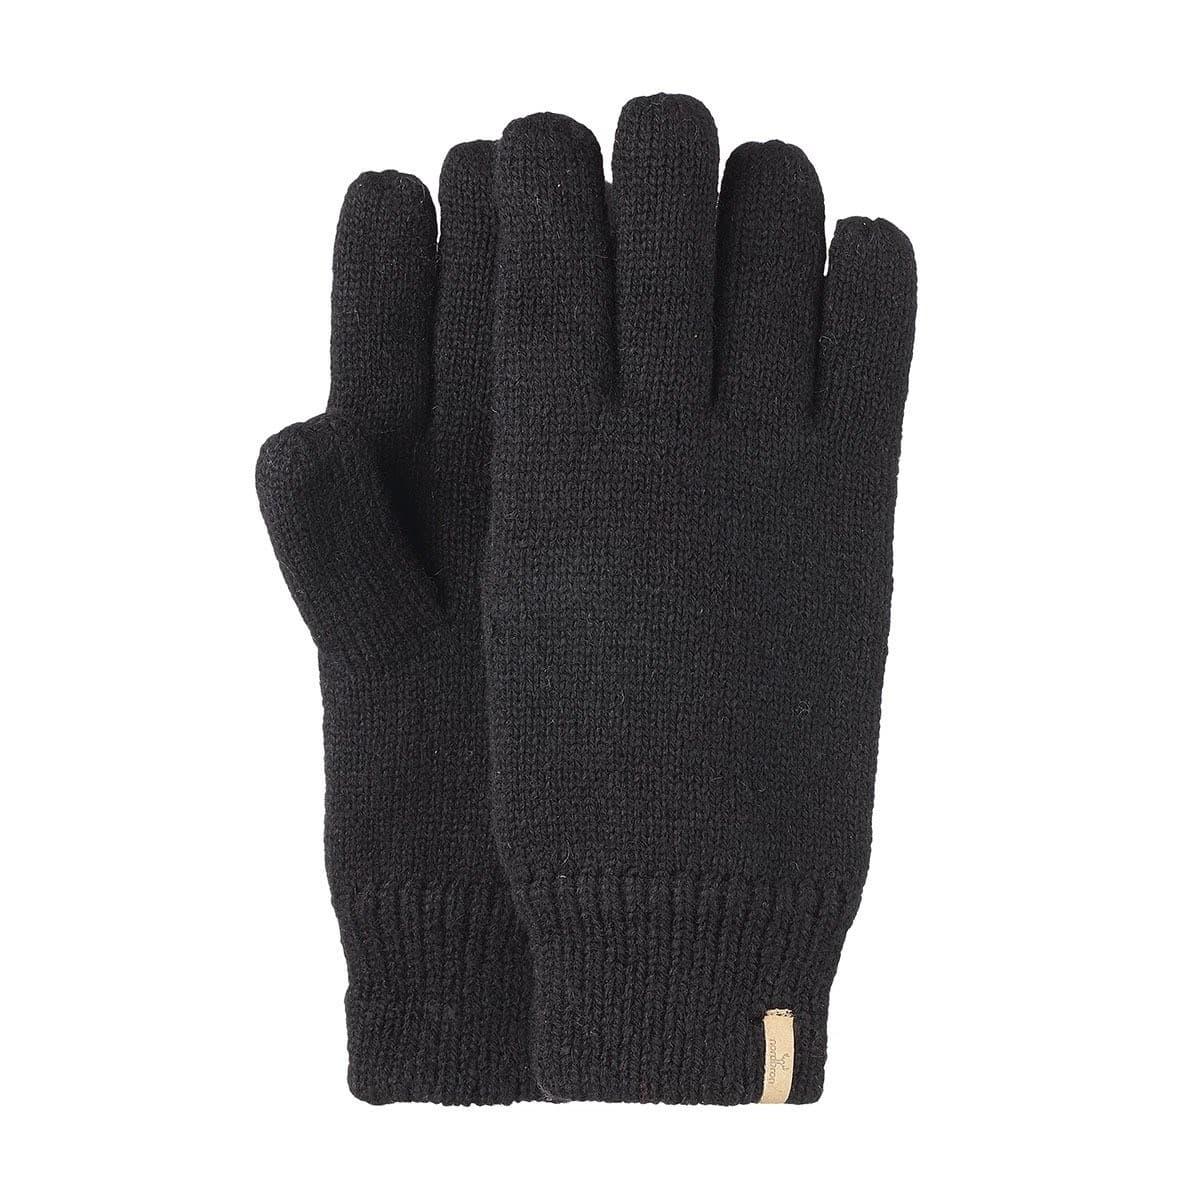 Arnas Glove Siyah Eldiven